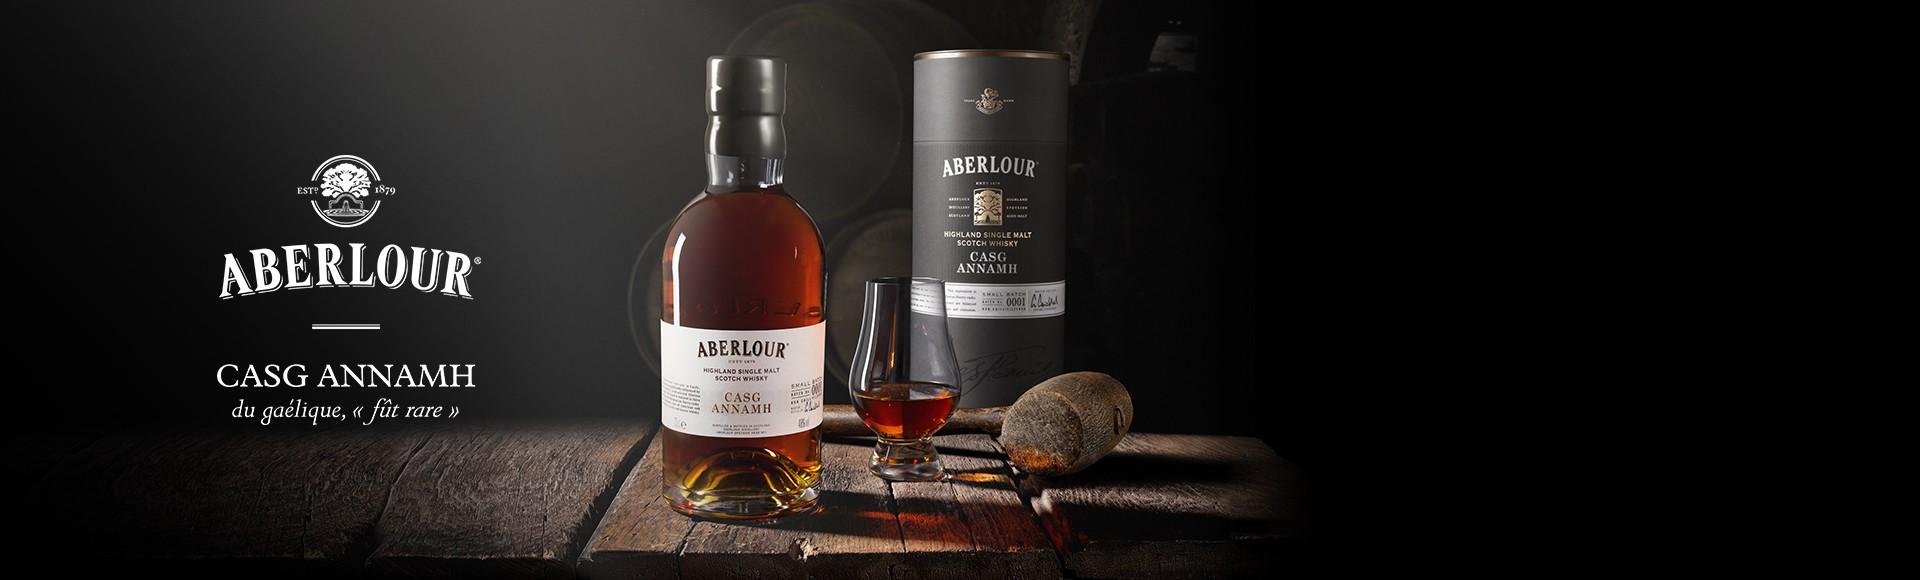 Aberlour, de grands whiskies à découvrir !